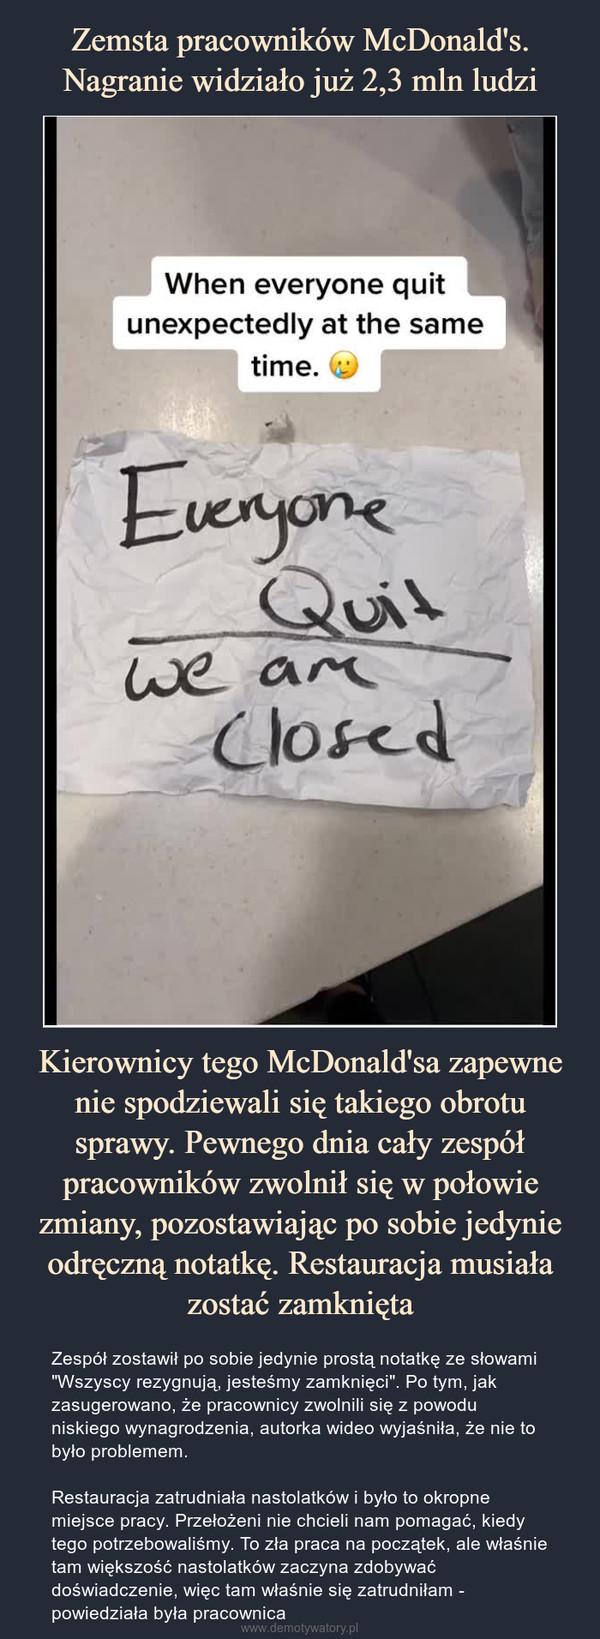 """Kierownicy tego McDonald'sa zapewne nie spodziewali się takiego obrotu sprawy. Pewnego dnia cały zespół pracowników zwolnił się w połowie zmiany, pozostawiając po sobie jedynie odręczną notatkę. Restauracja musiała zostać zamknięta – Zespół zostawił po sobie jedynie prostą notatkę ze słowami """"Wszyscy rezygnują, jesteśmy zamknięci"""". Po tym, jak zasugerowano, że pracownicy zwolnili się z powodu niskiego wynagrodzenia, autorka wideo wyjaśniła, że nie to było problemem.Restauracja zatrudniała nastolatków i było to okropne miejsce pracy. Przełożeni nie chcieli nam pomagać, kiedy tego potrzebowaliśmy. To zła praca na początek, ale właśnie tam większość nastolatków zaczyna zdobywać doświadczenie, więc tam właśnie się zatrudniłam - powiedziała była pracownica"""